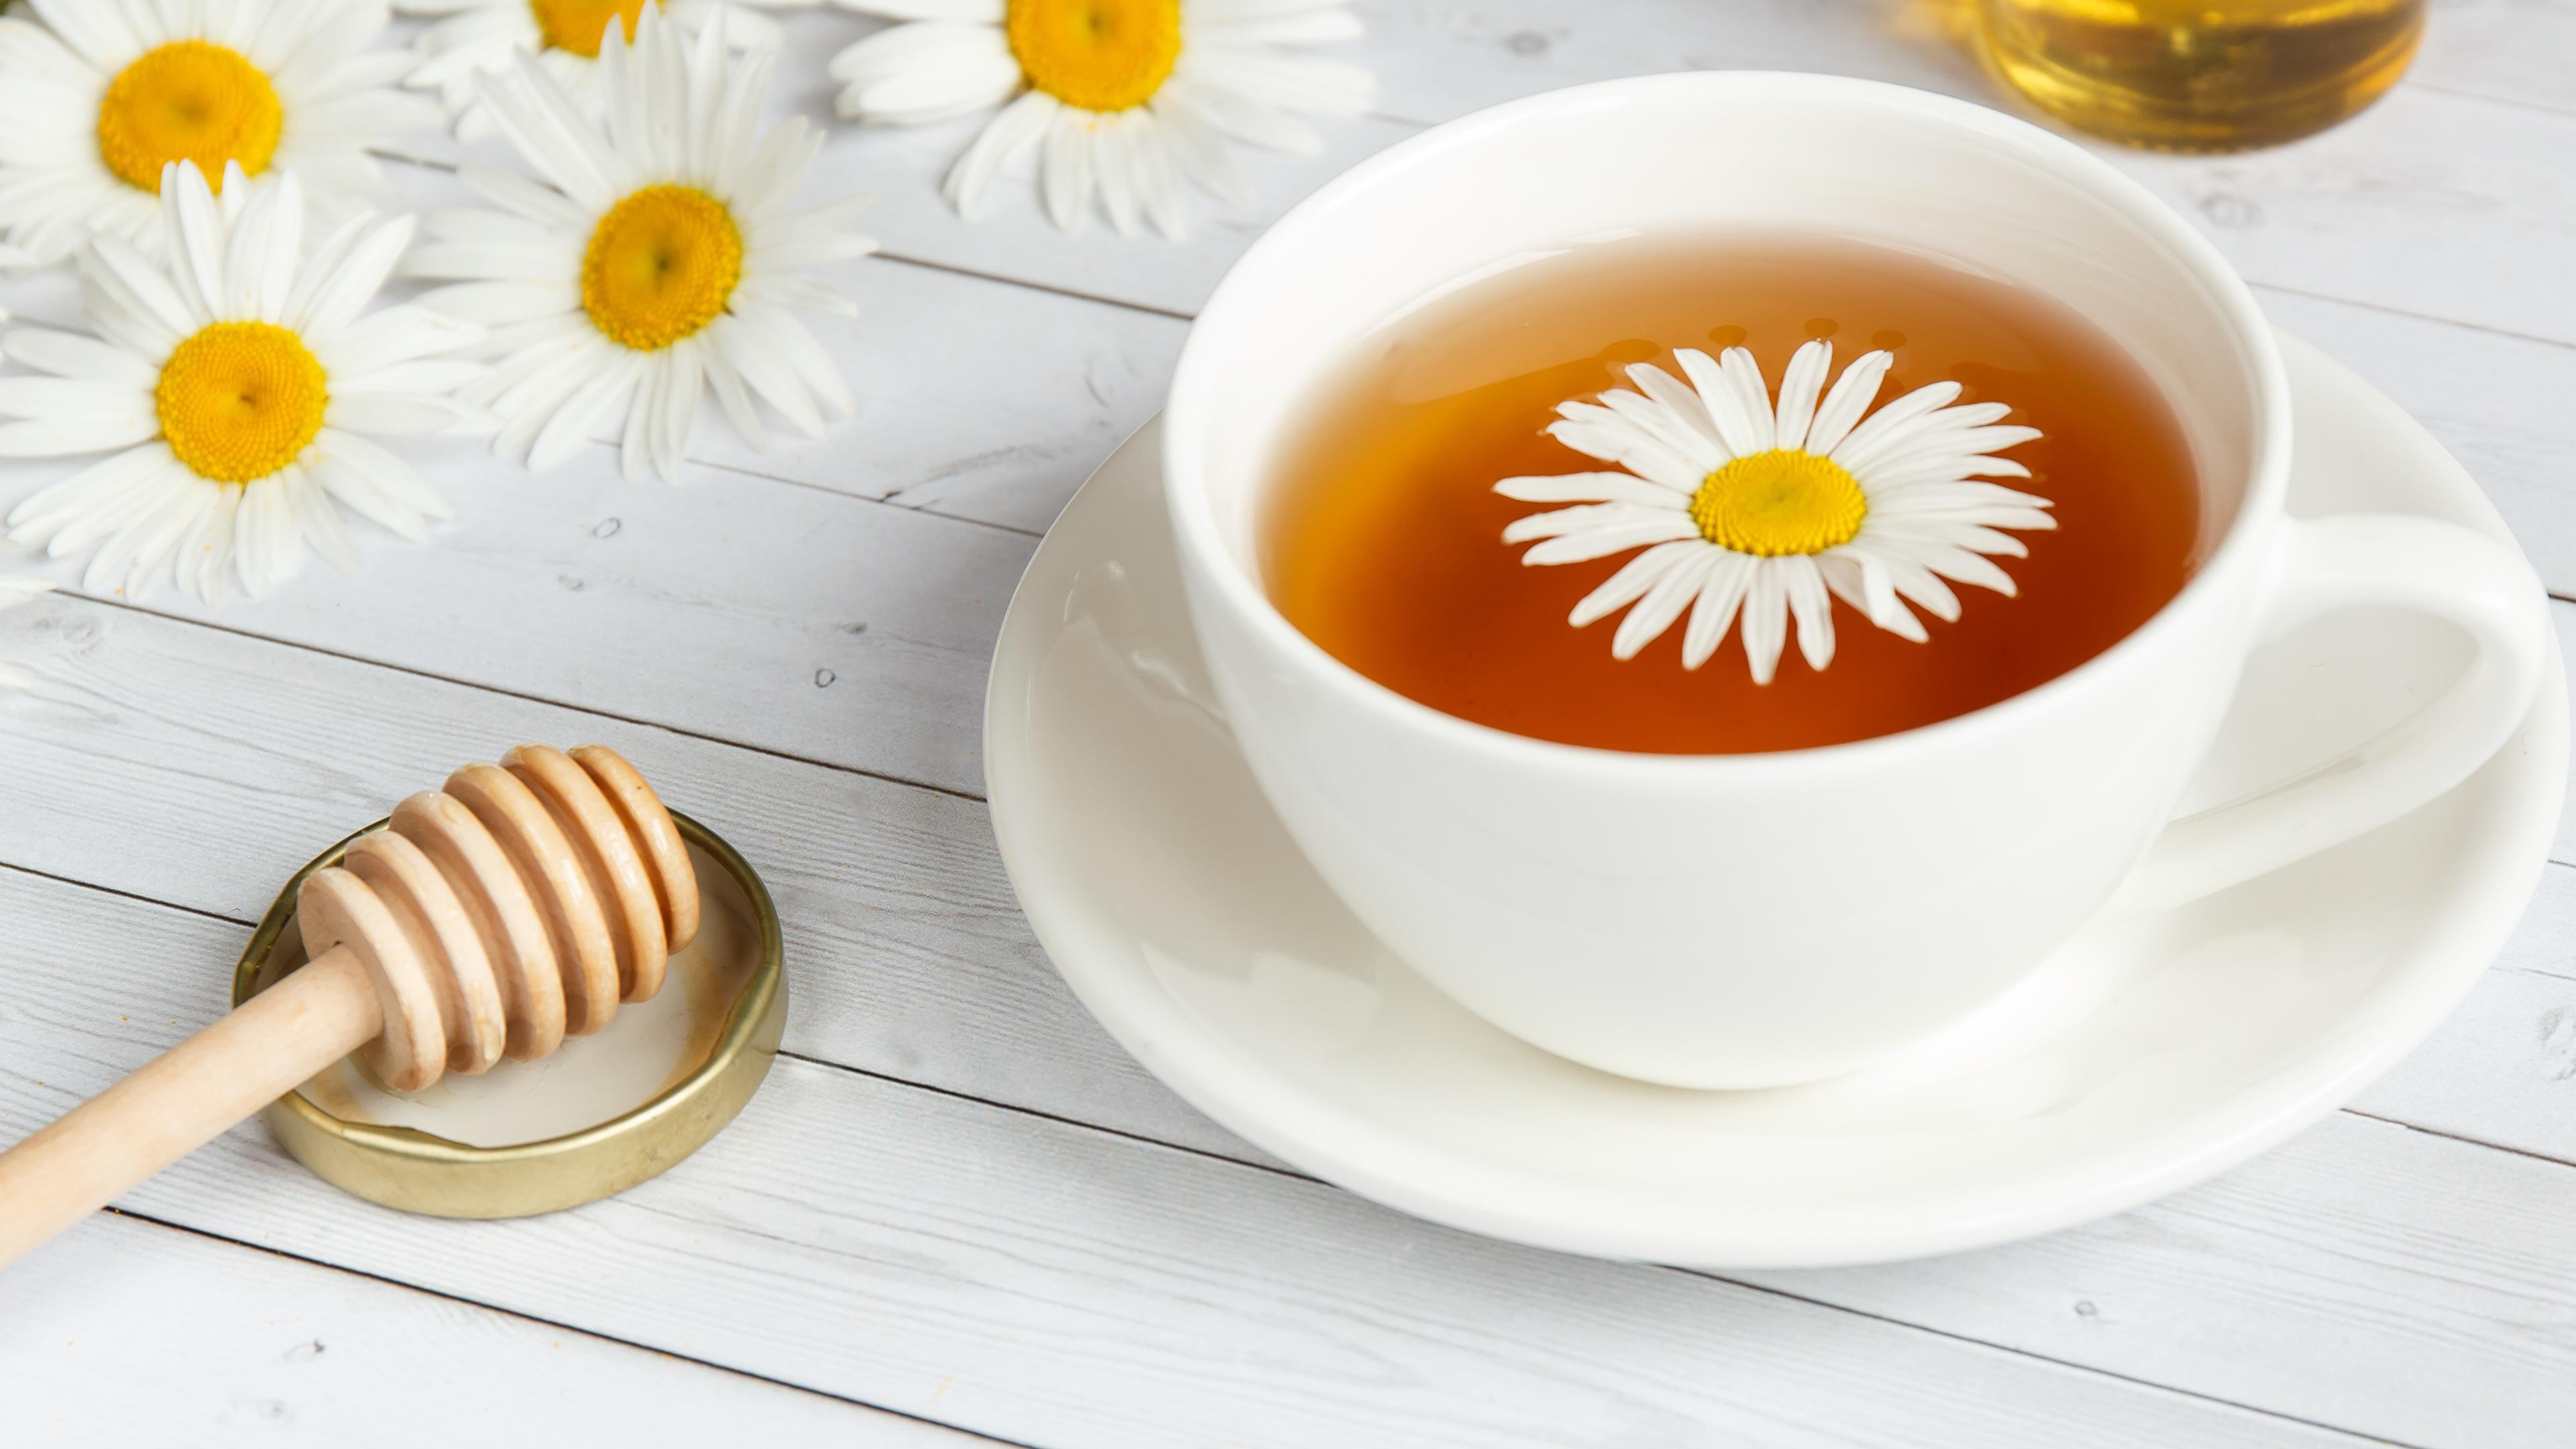 Фото Чай Ромашки чашке блюдца Продукты питания 3840x2160 ромашка Еда Пища Чашка Блюдце